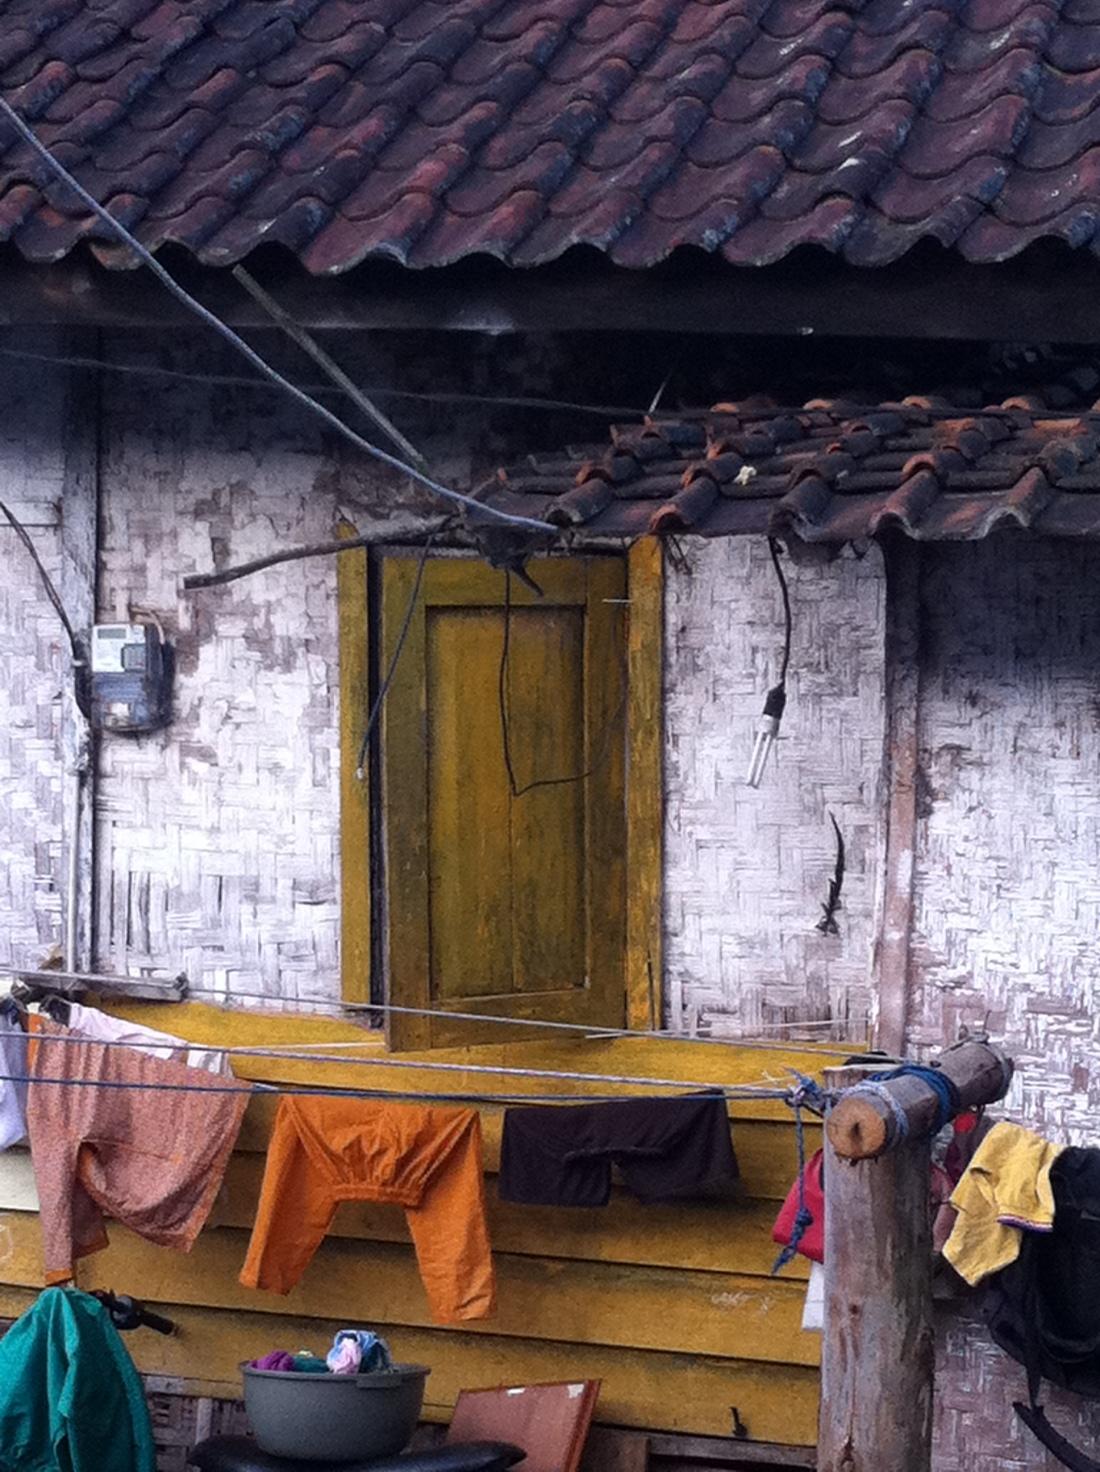 Rumah warga di sekitaran Desa Senep